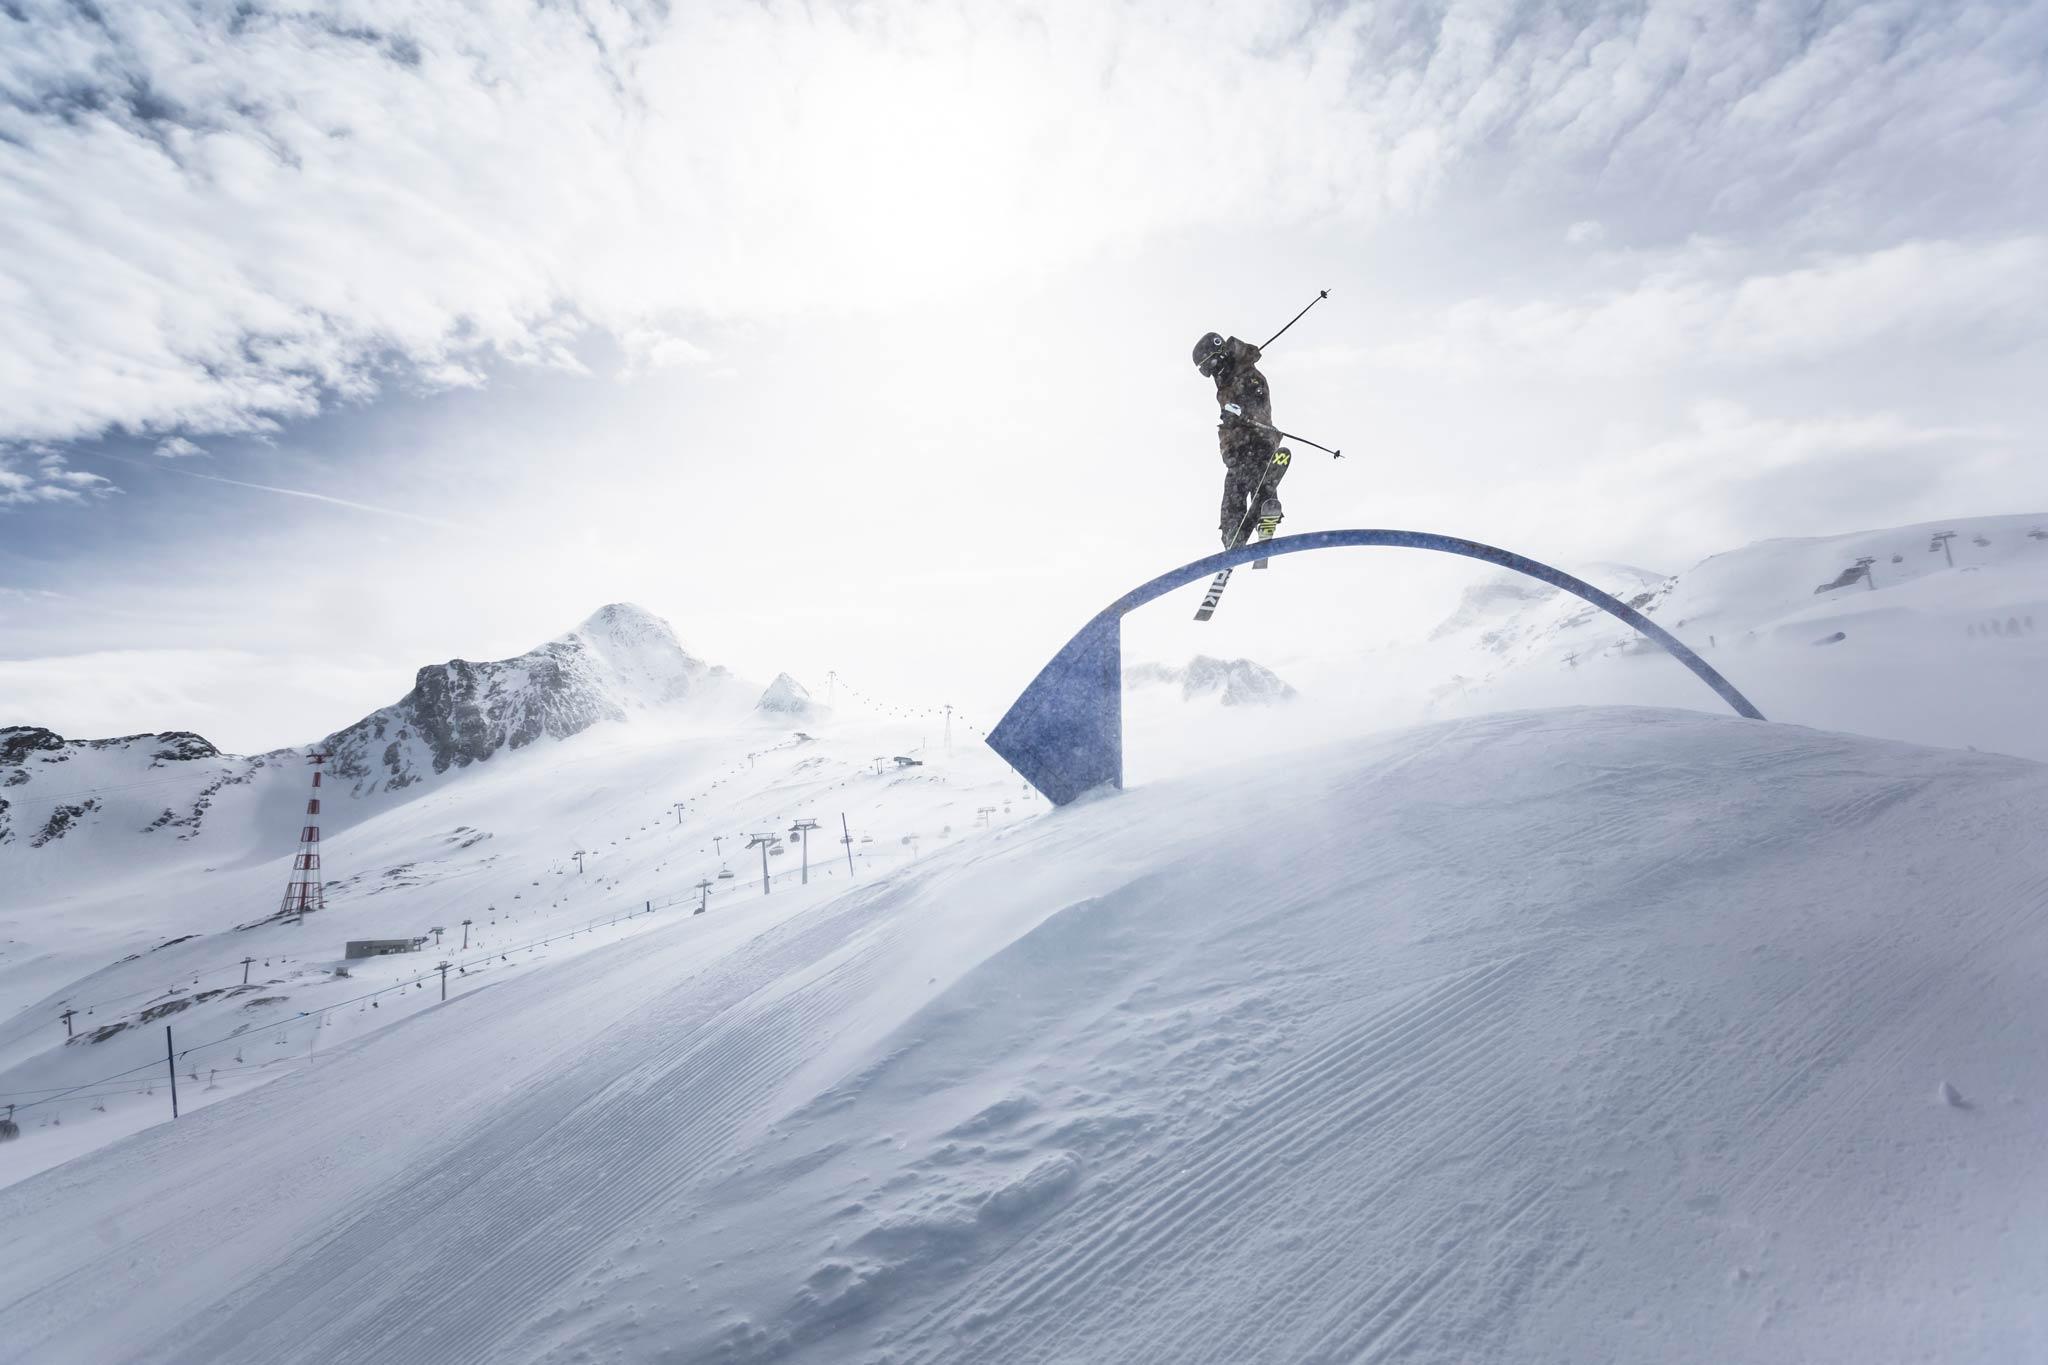 Ab Januar 2019 öffnet dann auch das Herz des Snowparks am Kitzsteinhorn: der Central Park - Foto: Roland Haschka